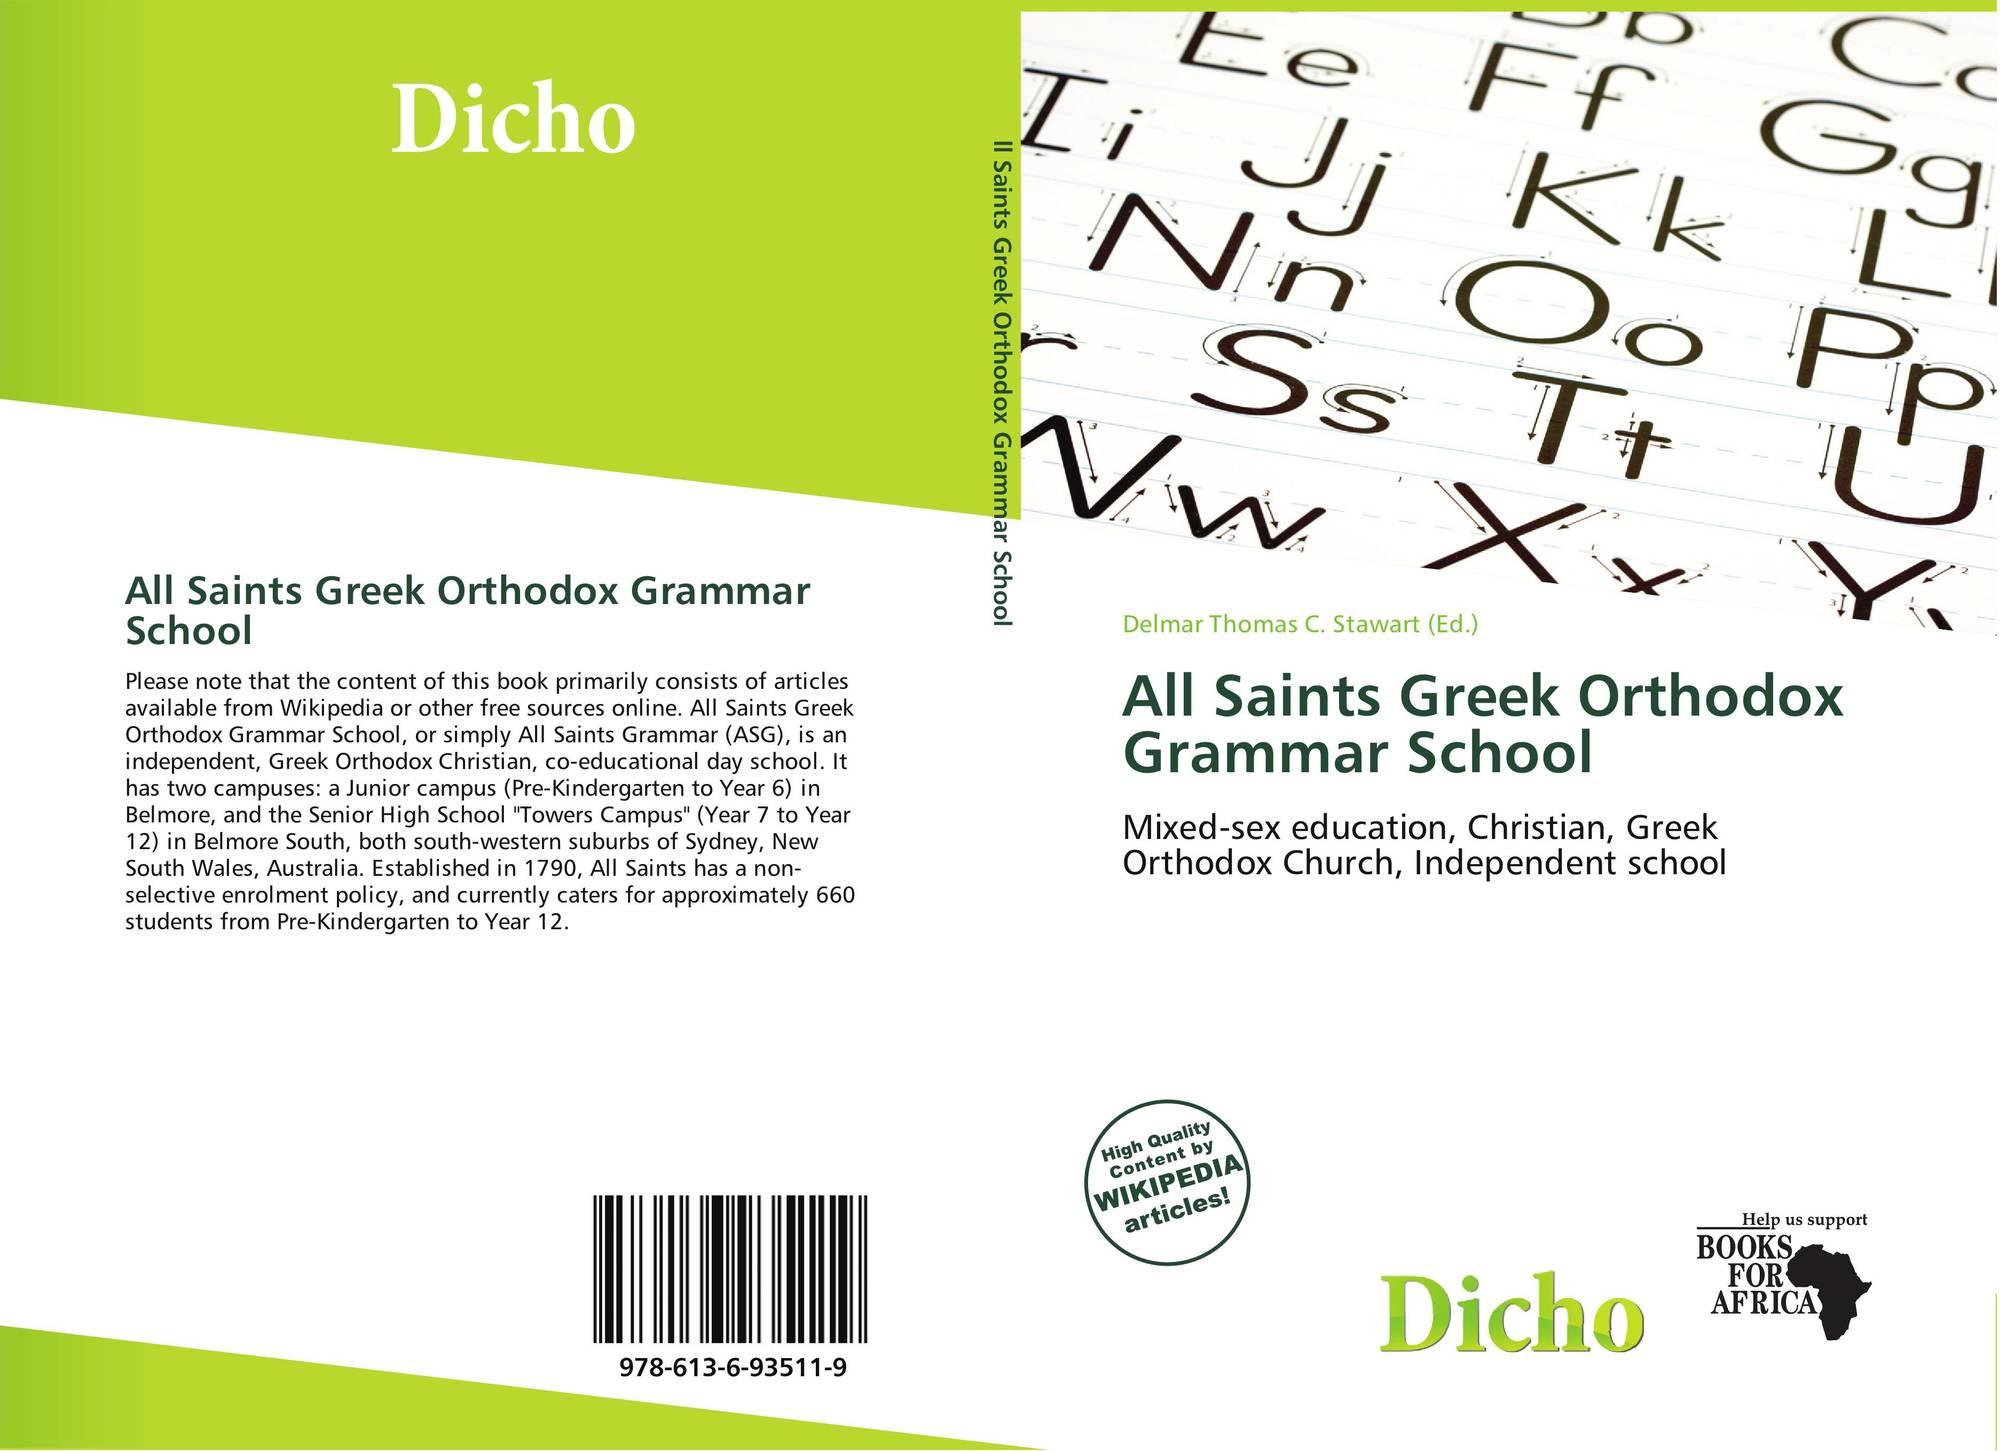 All Saints Greek Orthodox Grammar School, 978-613-6-93511-9